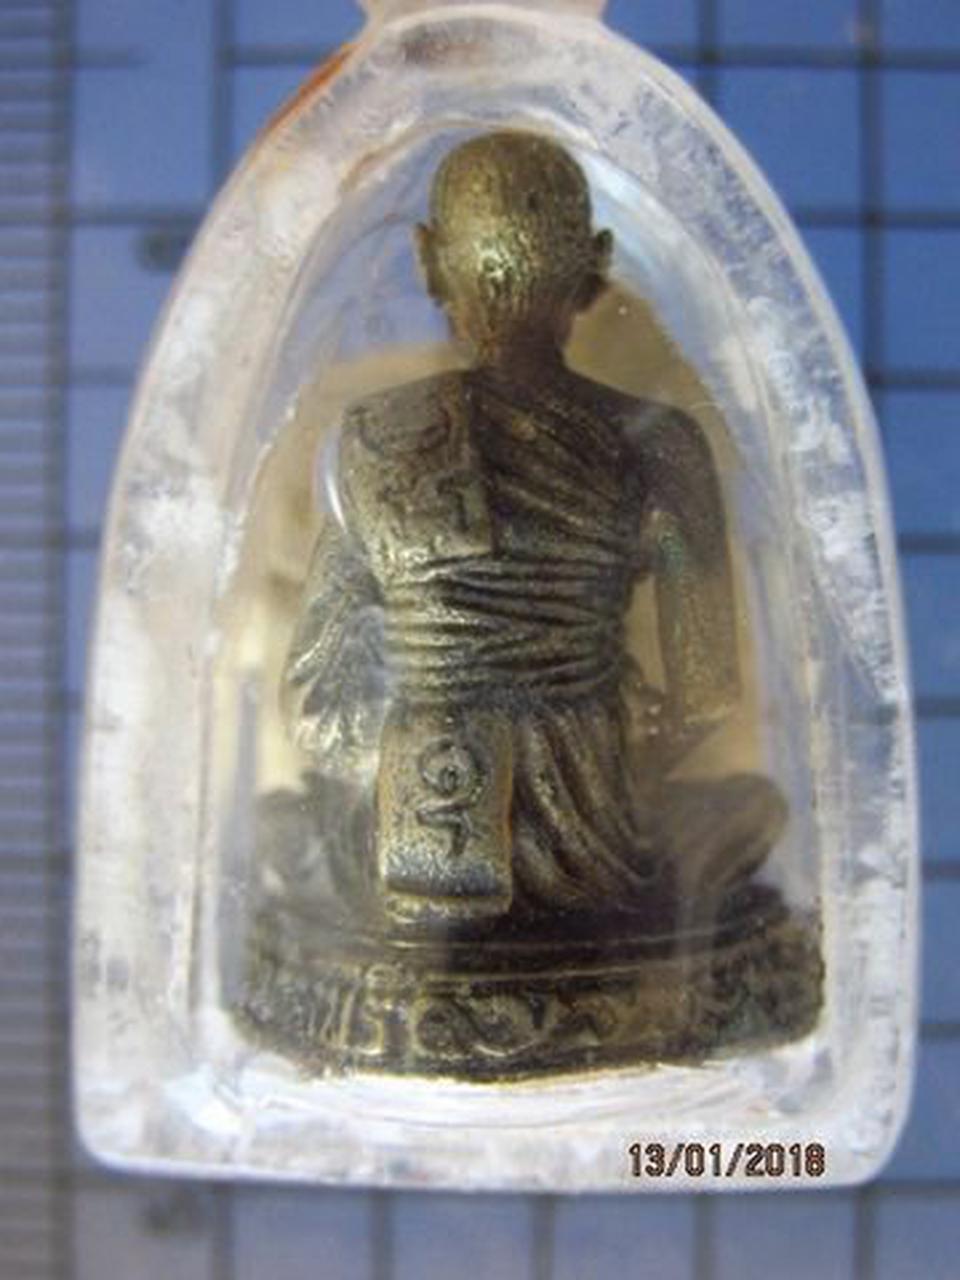 5023 รูปหล่อหลวงปู่นิล อิสฺสริโก วัดครบุรี จ.นครราชสีมา  รูปที่ 2